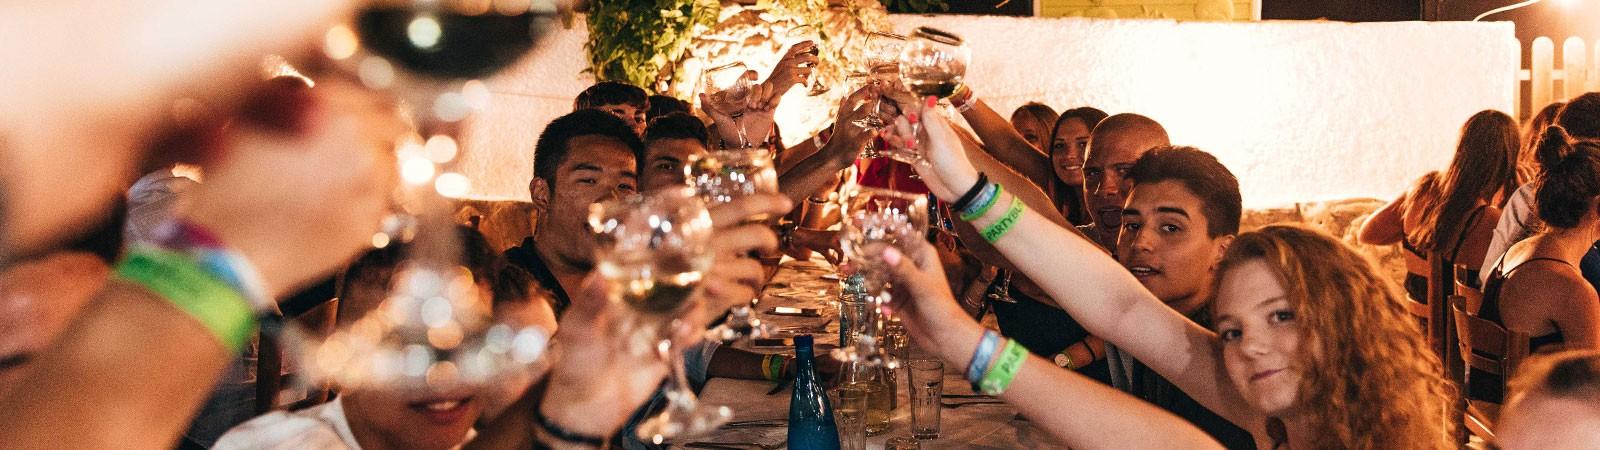 Cena Greca del Viaggio Evento a Zante